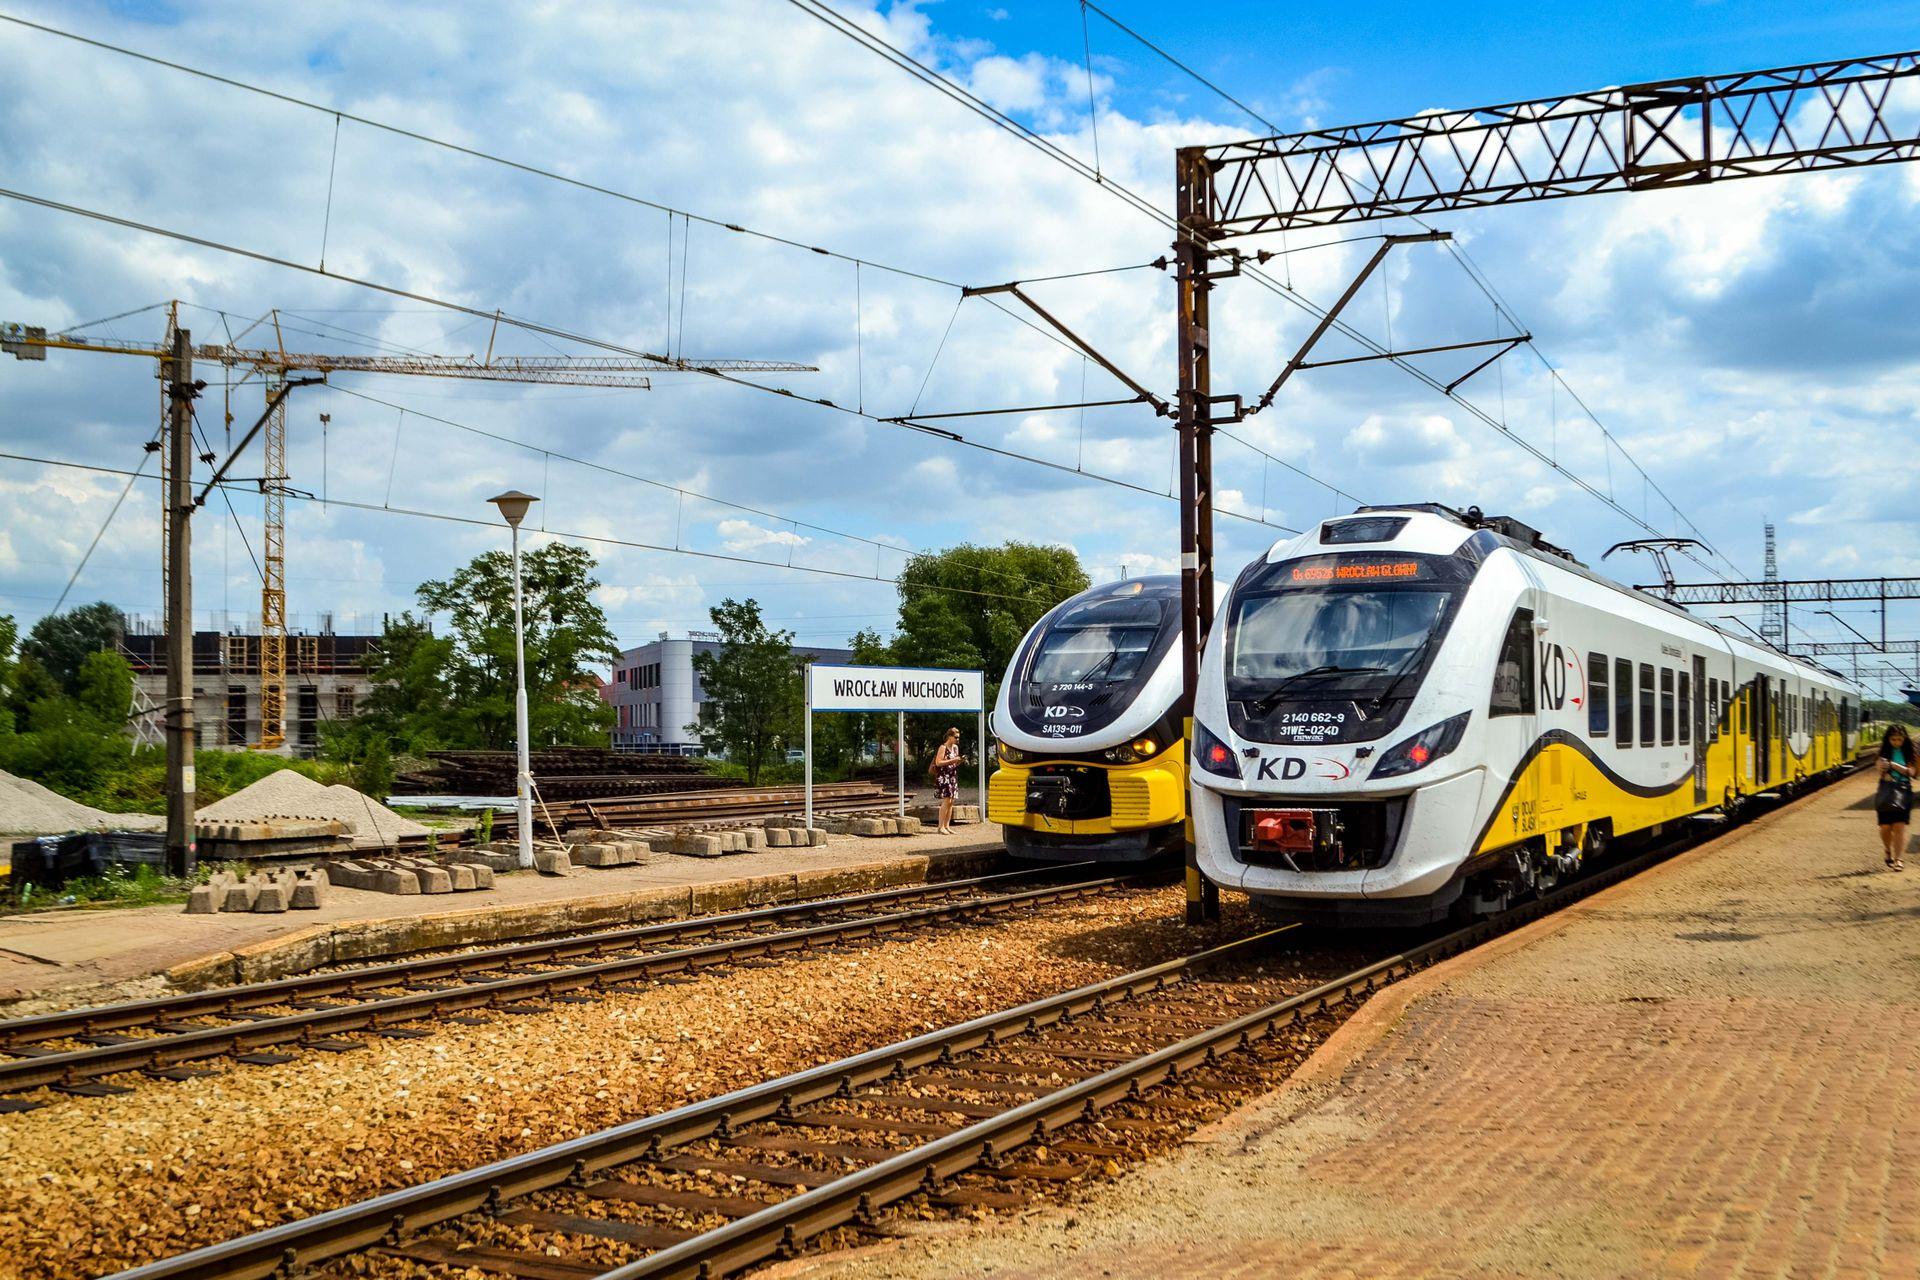 Wrocław: Jest dofinansowanie remontu stacji Wrocław Muchobór. PKP jednak wyłonią wykonawcę